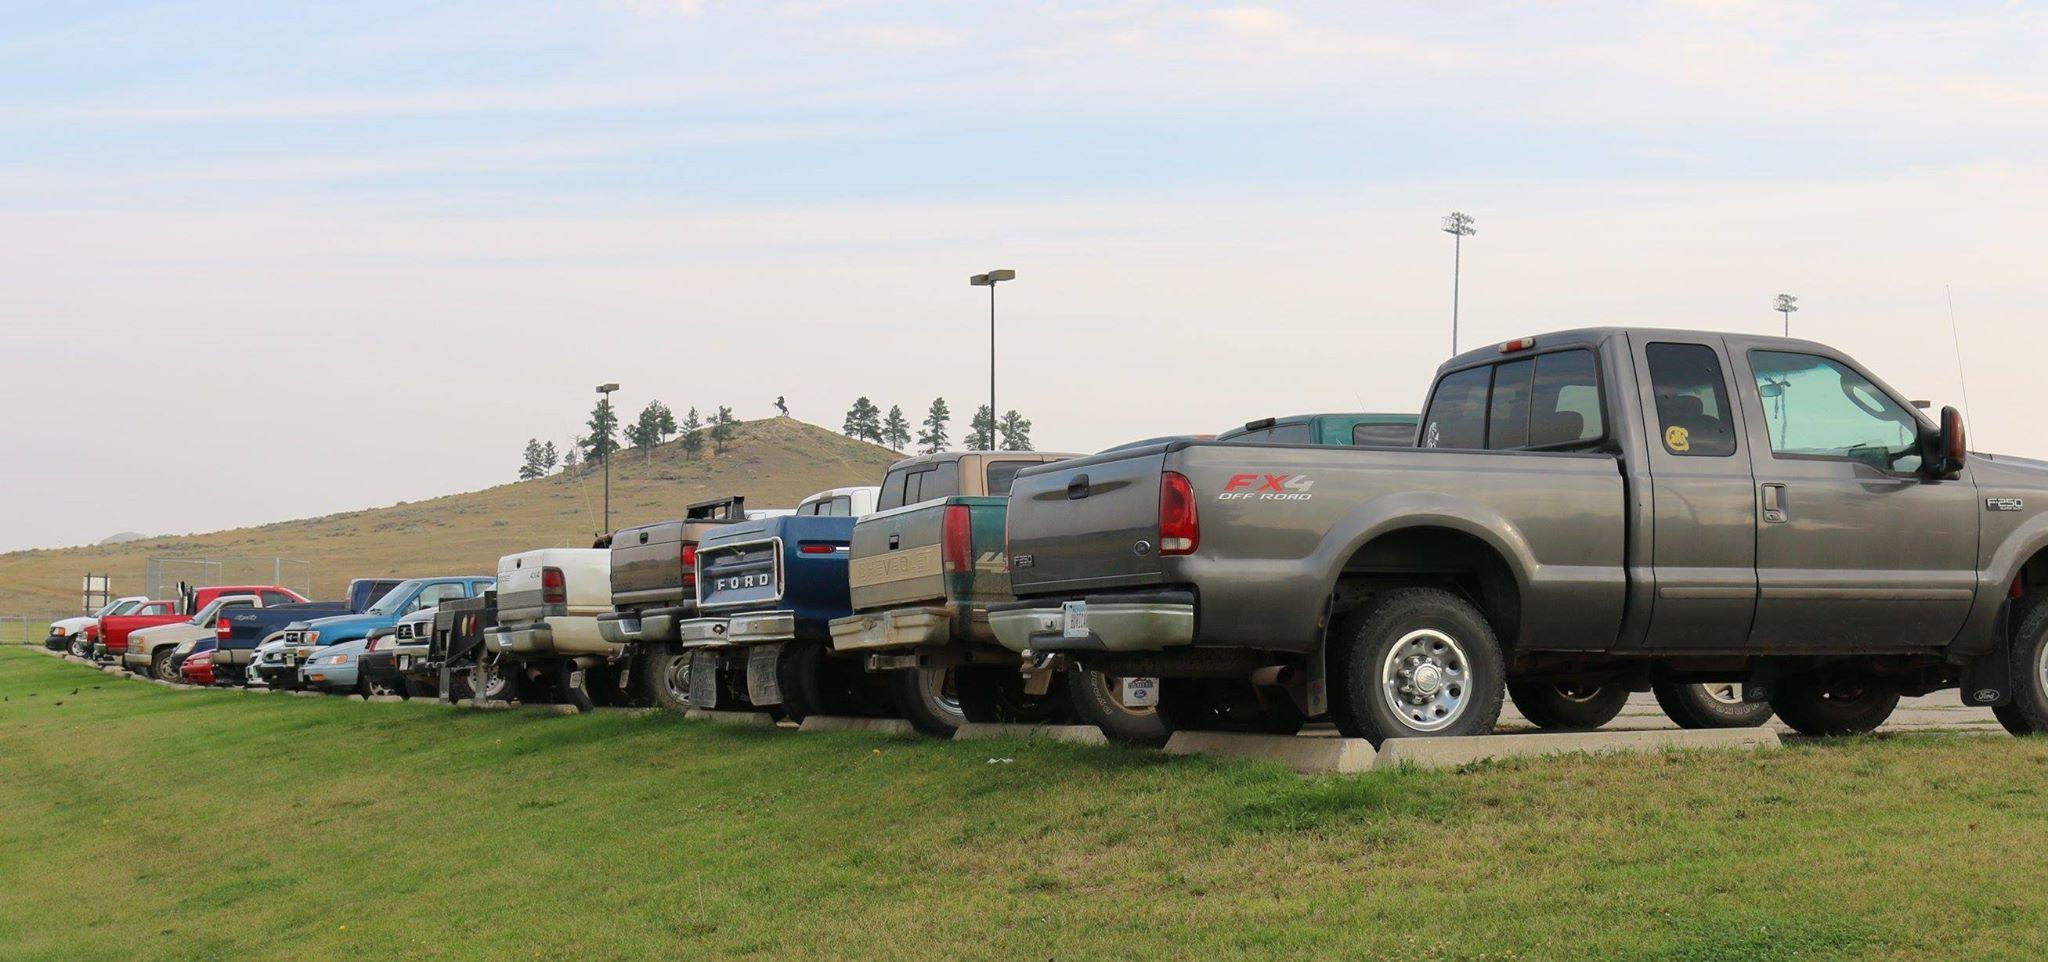 High School Parking Lot